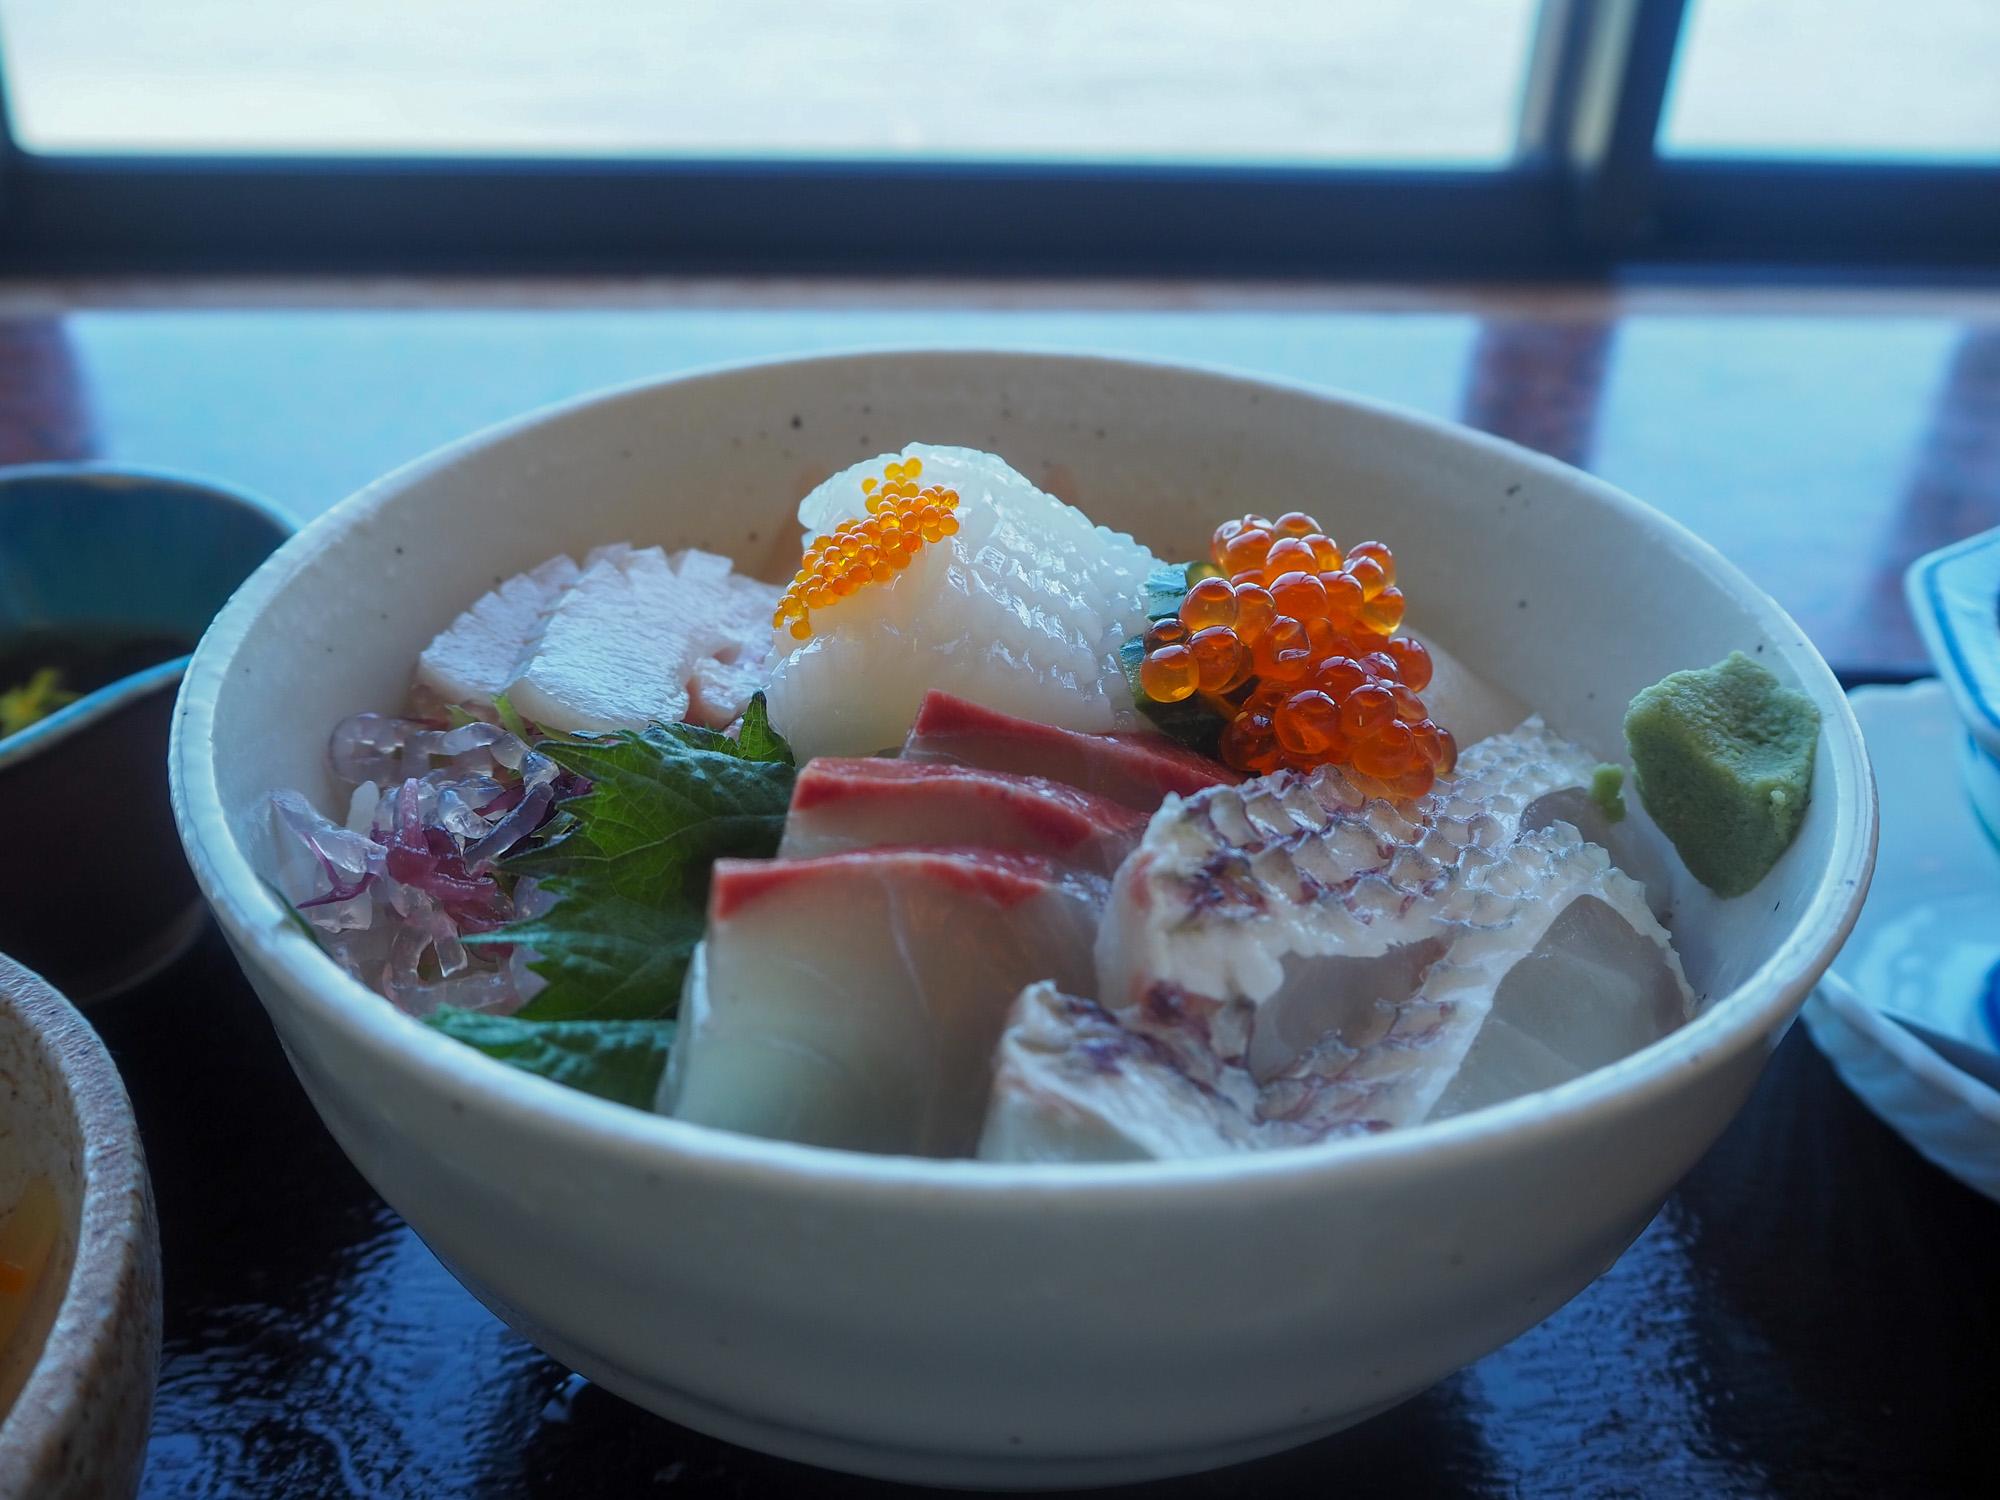 「海鮮丼」1,650円(税込)。玄界灘を眺める席でいただきます。お刺身はどれも新鮮で甘みがあり、甘めのタレをかけていただきます。海を眺めながらのランチはとてもぜいたくな時間♪